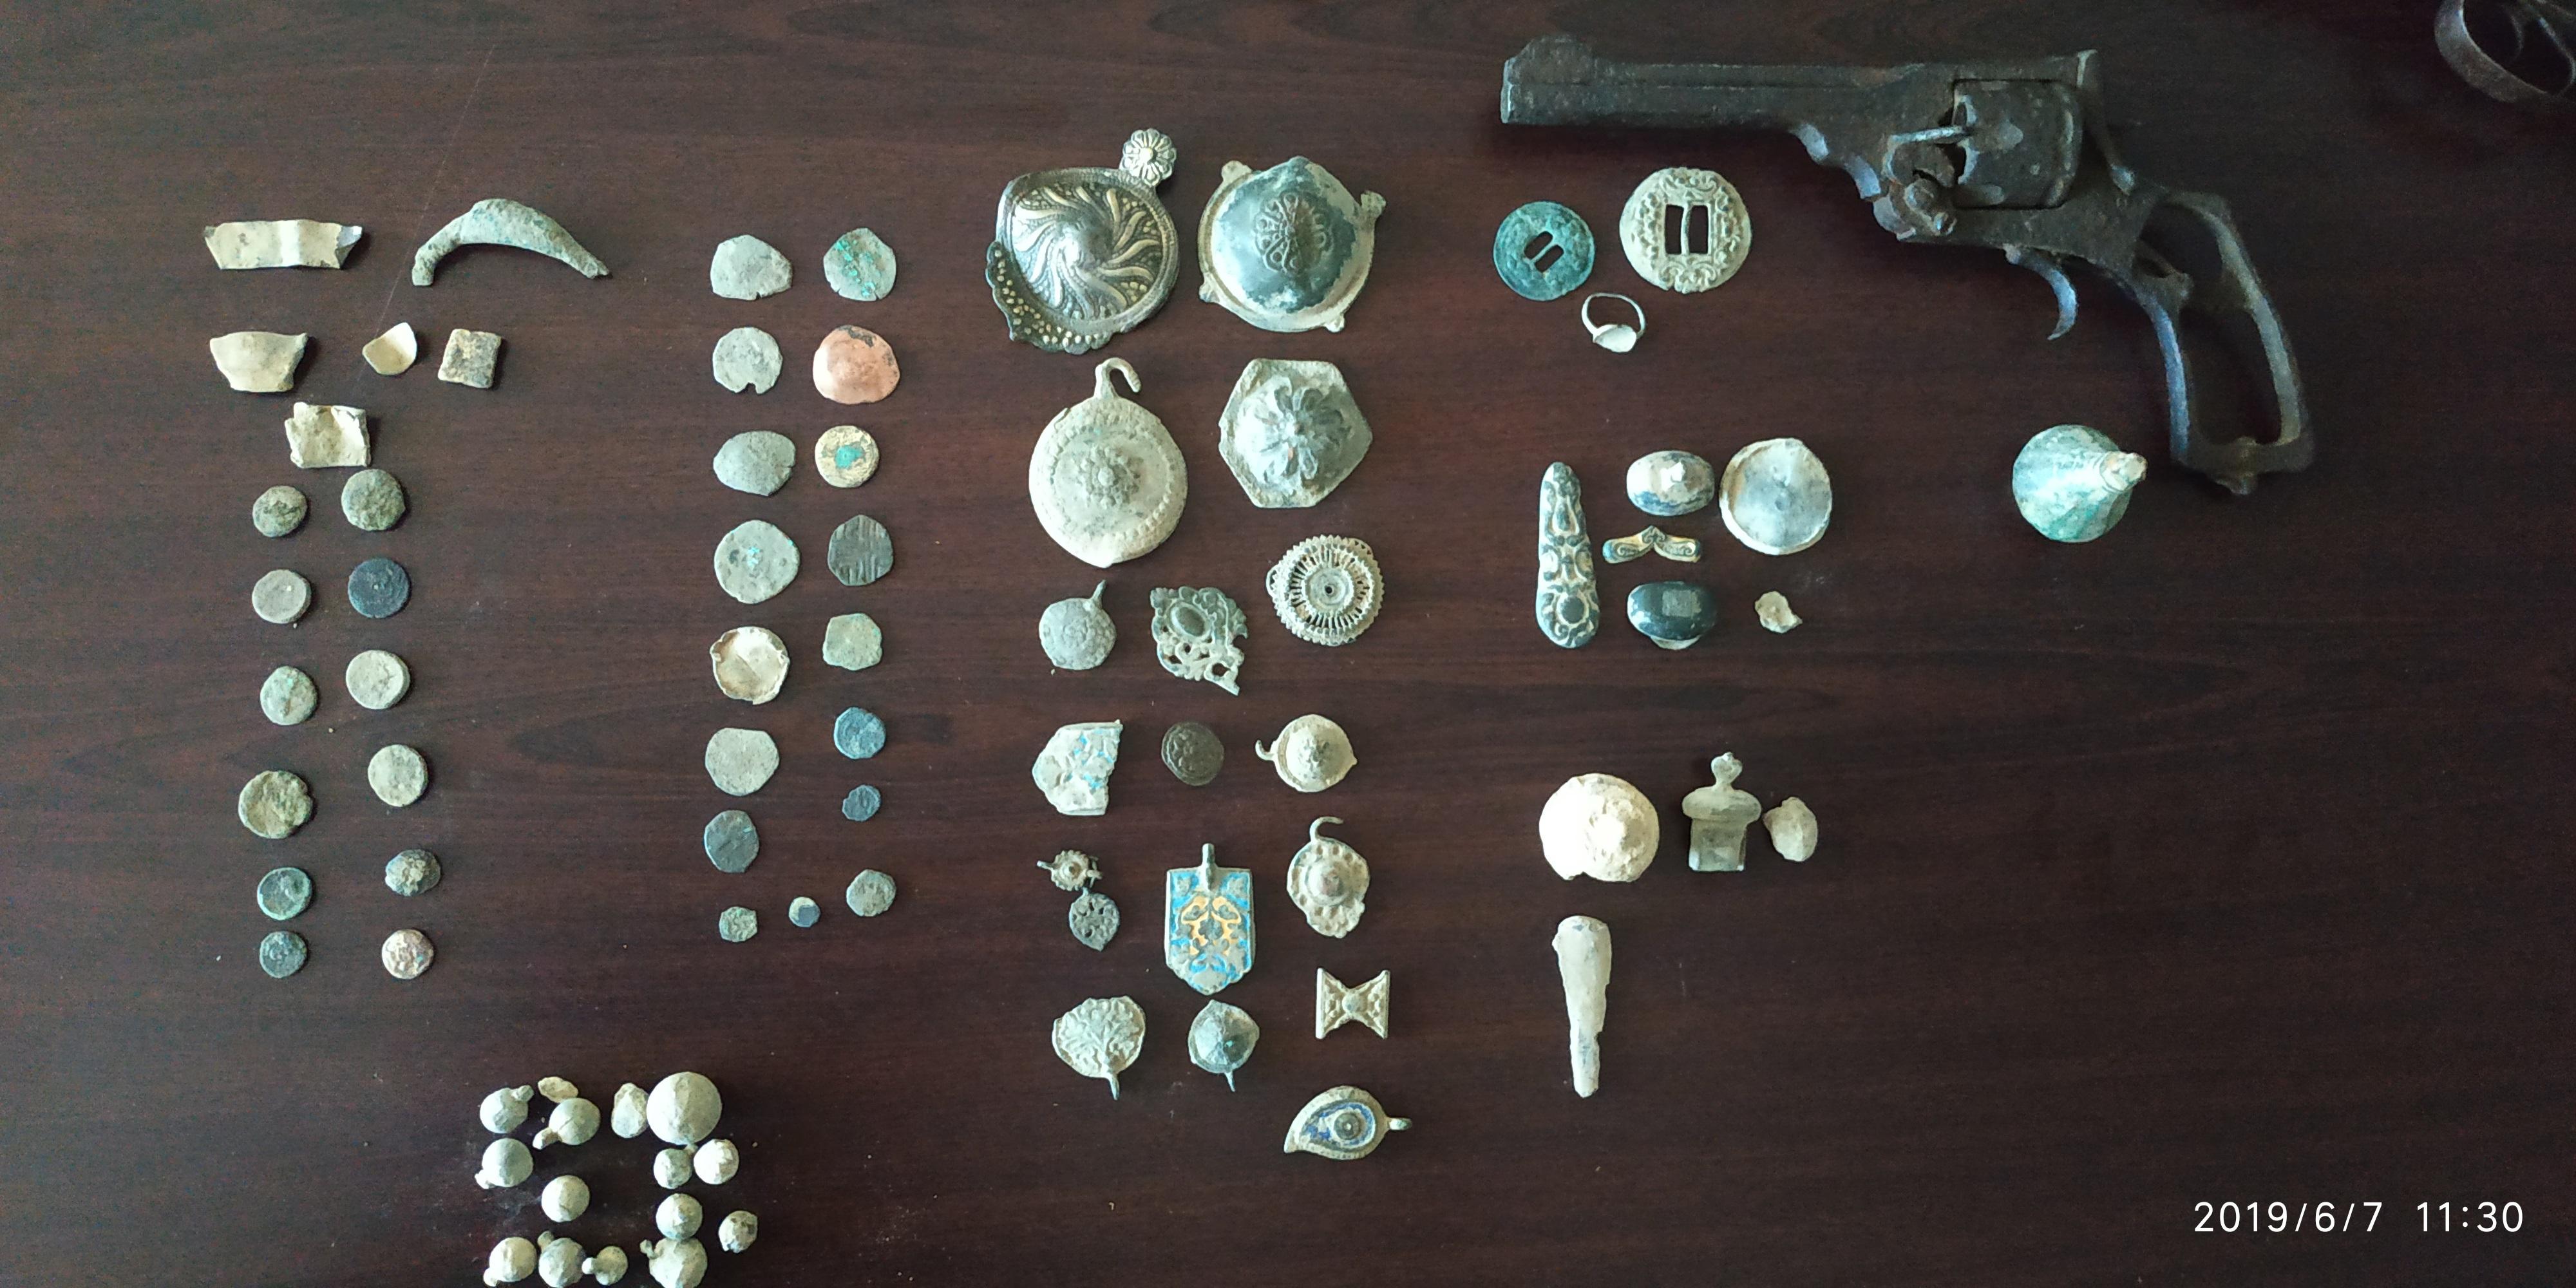 Έβαλαν online αγγελία για την πώληση αρχαίων νομισμάτων και συνελήφθησαν